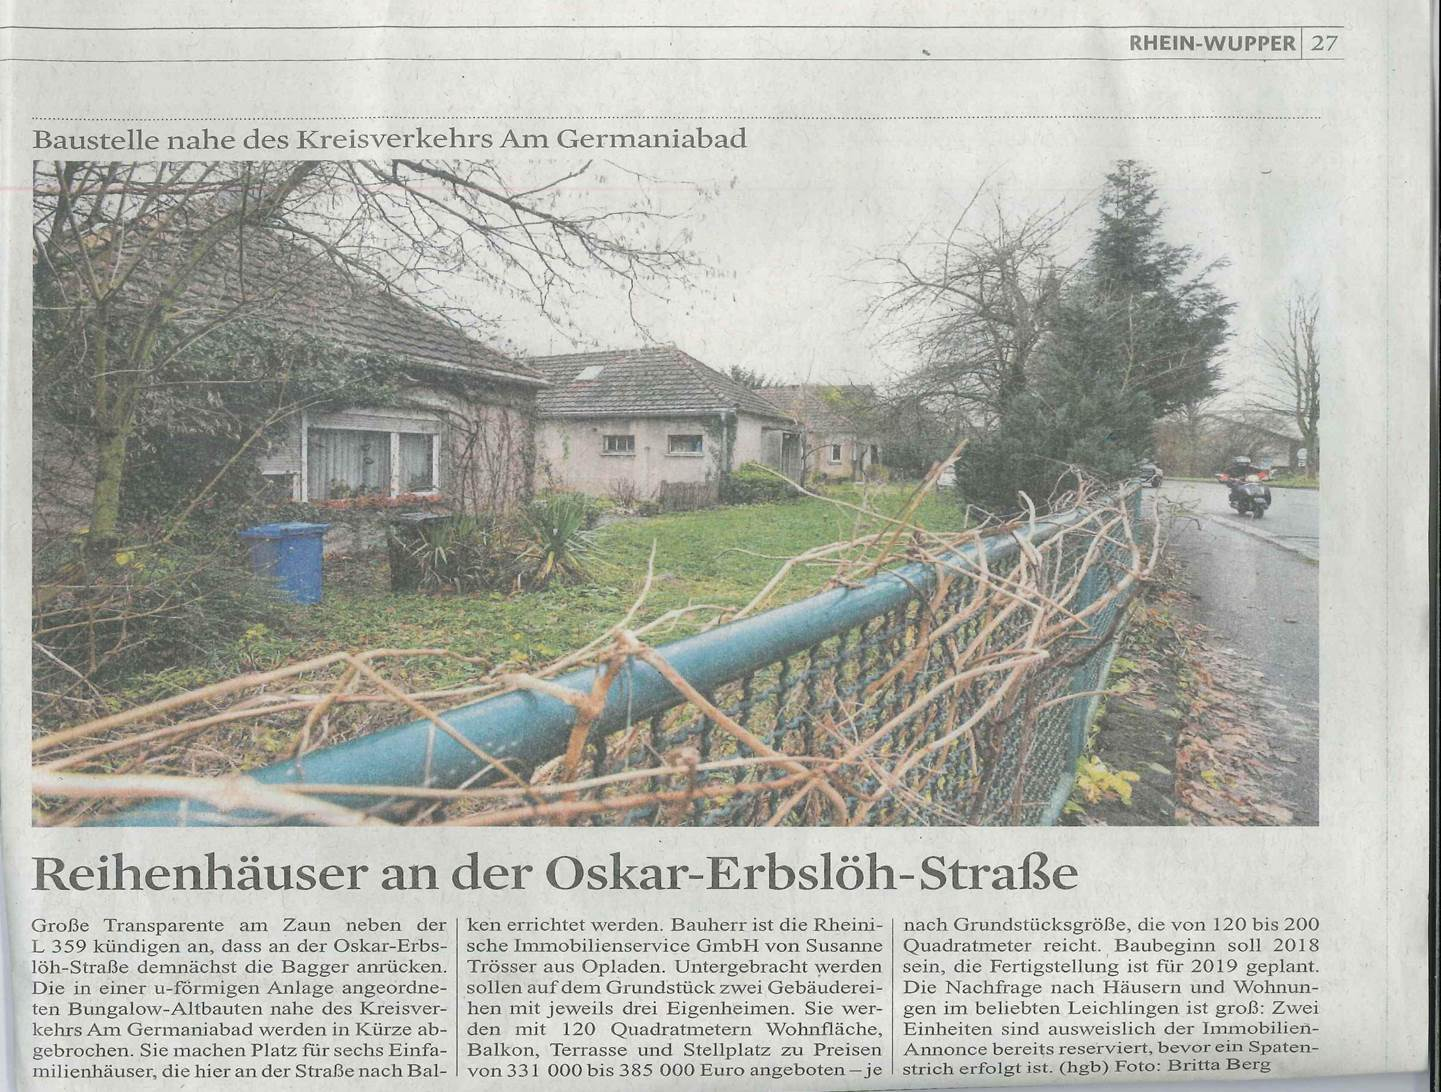 Reihenhäuser an der Oskar-Erbslöh-Straße | KSTA 09.01.2018